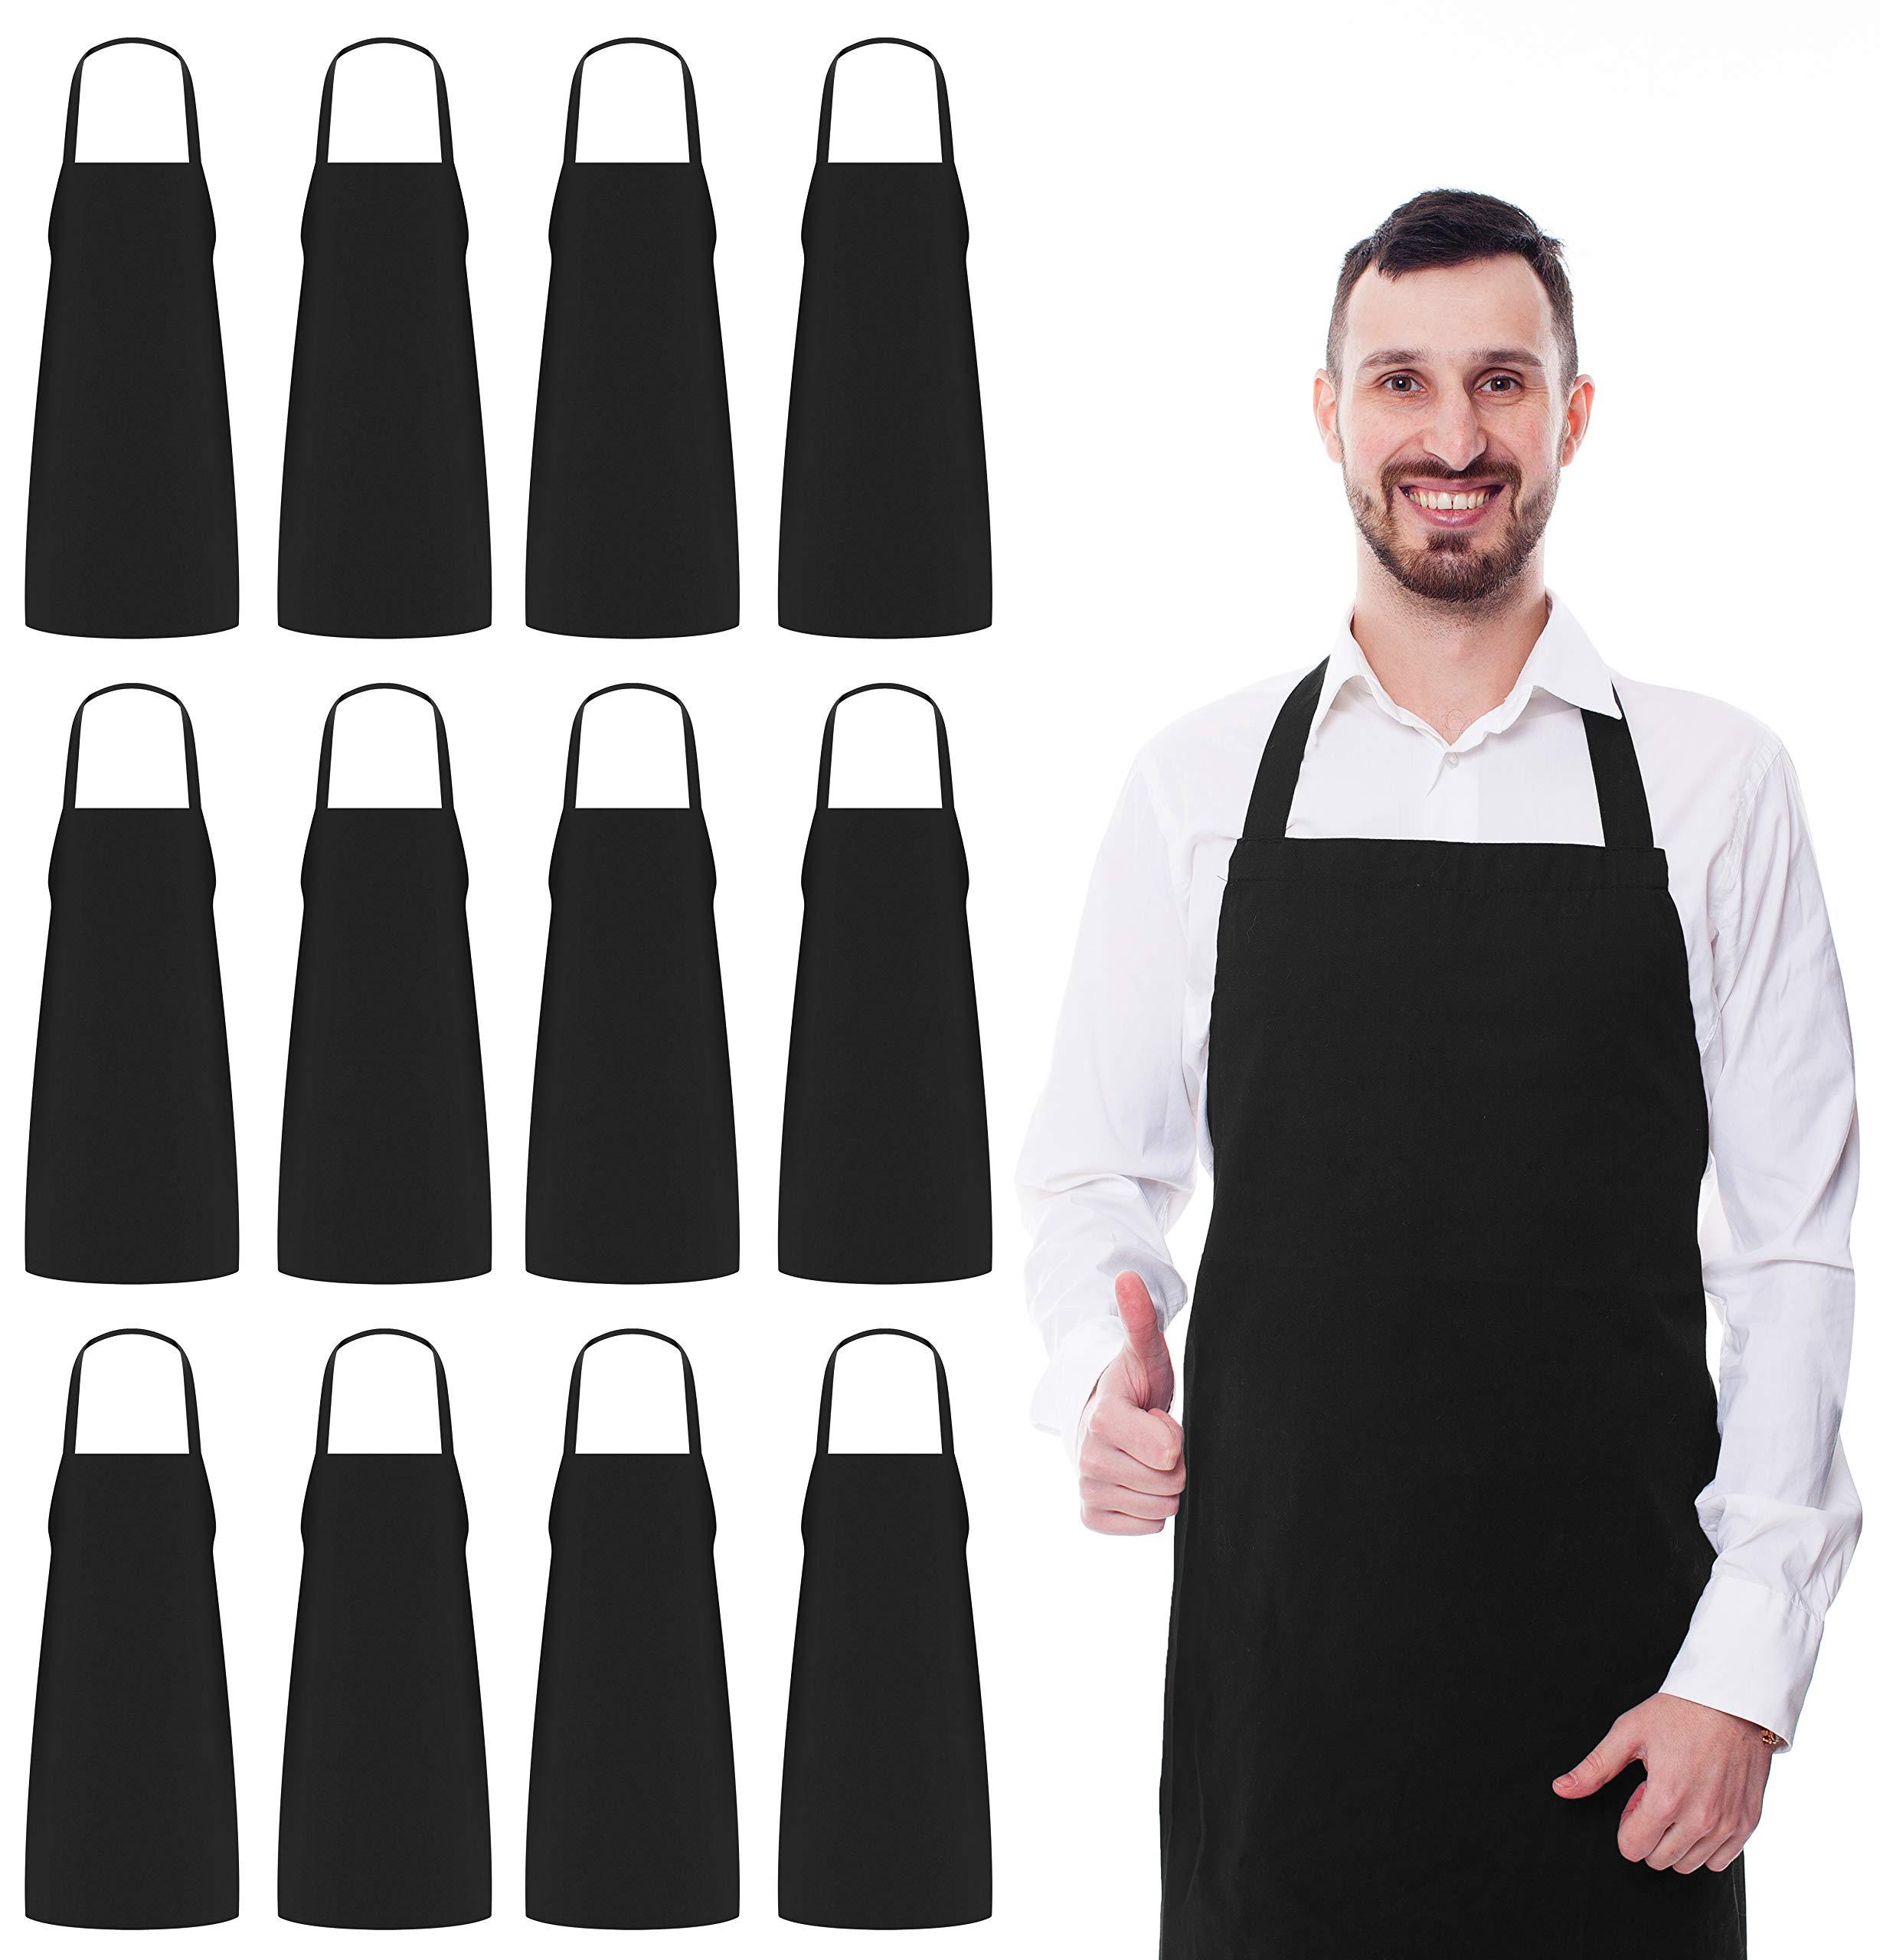 Utopia Kitchen Bib Aprons Bulk, 12 Pack Aprons, Black by Utopia Kitchen